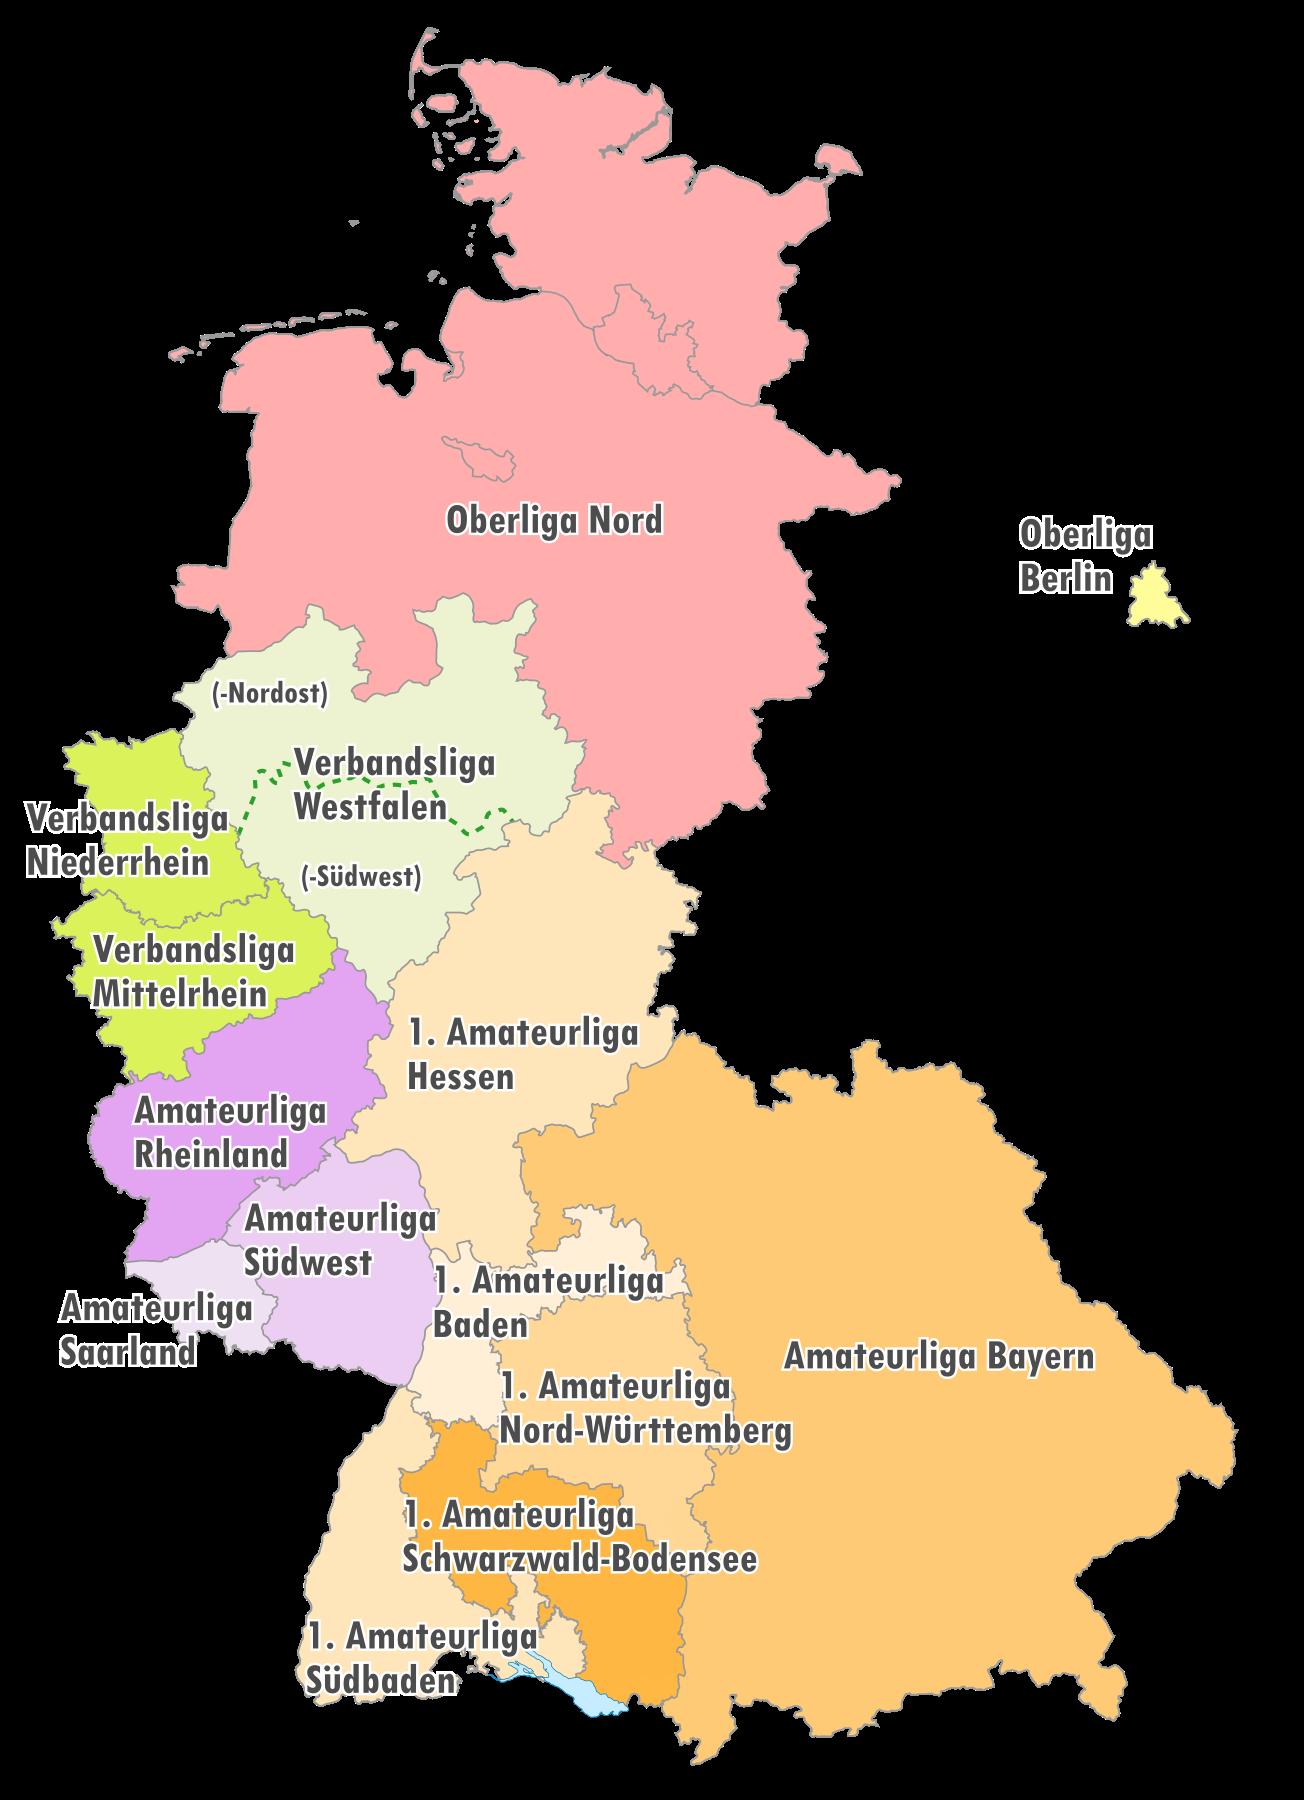 Geografische Einteilung der Oberligen zur Saison 1977/78